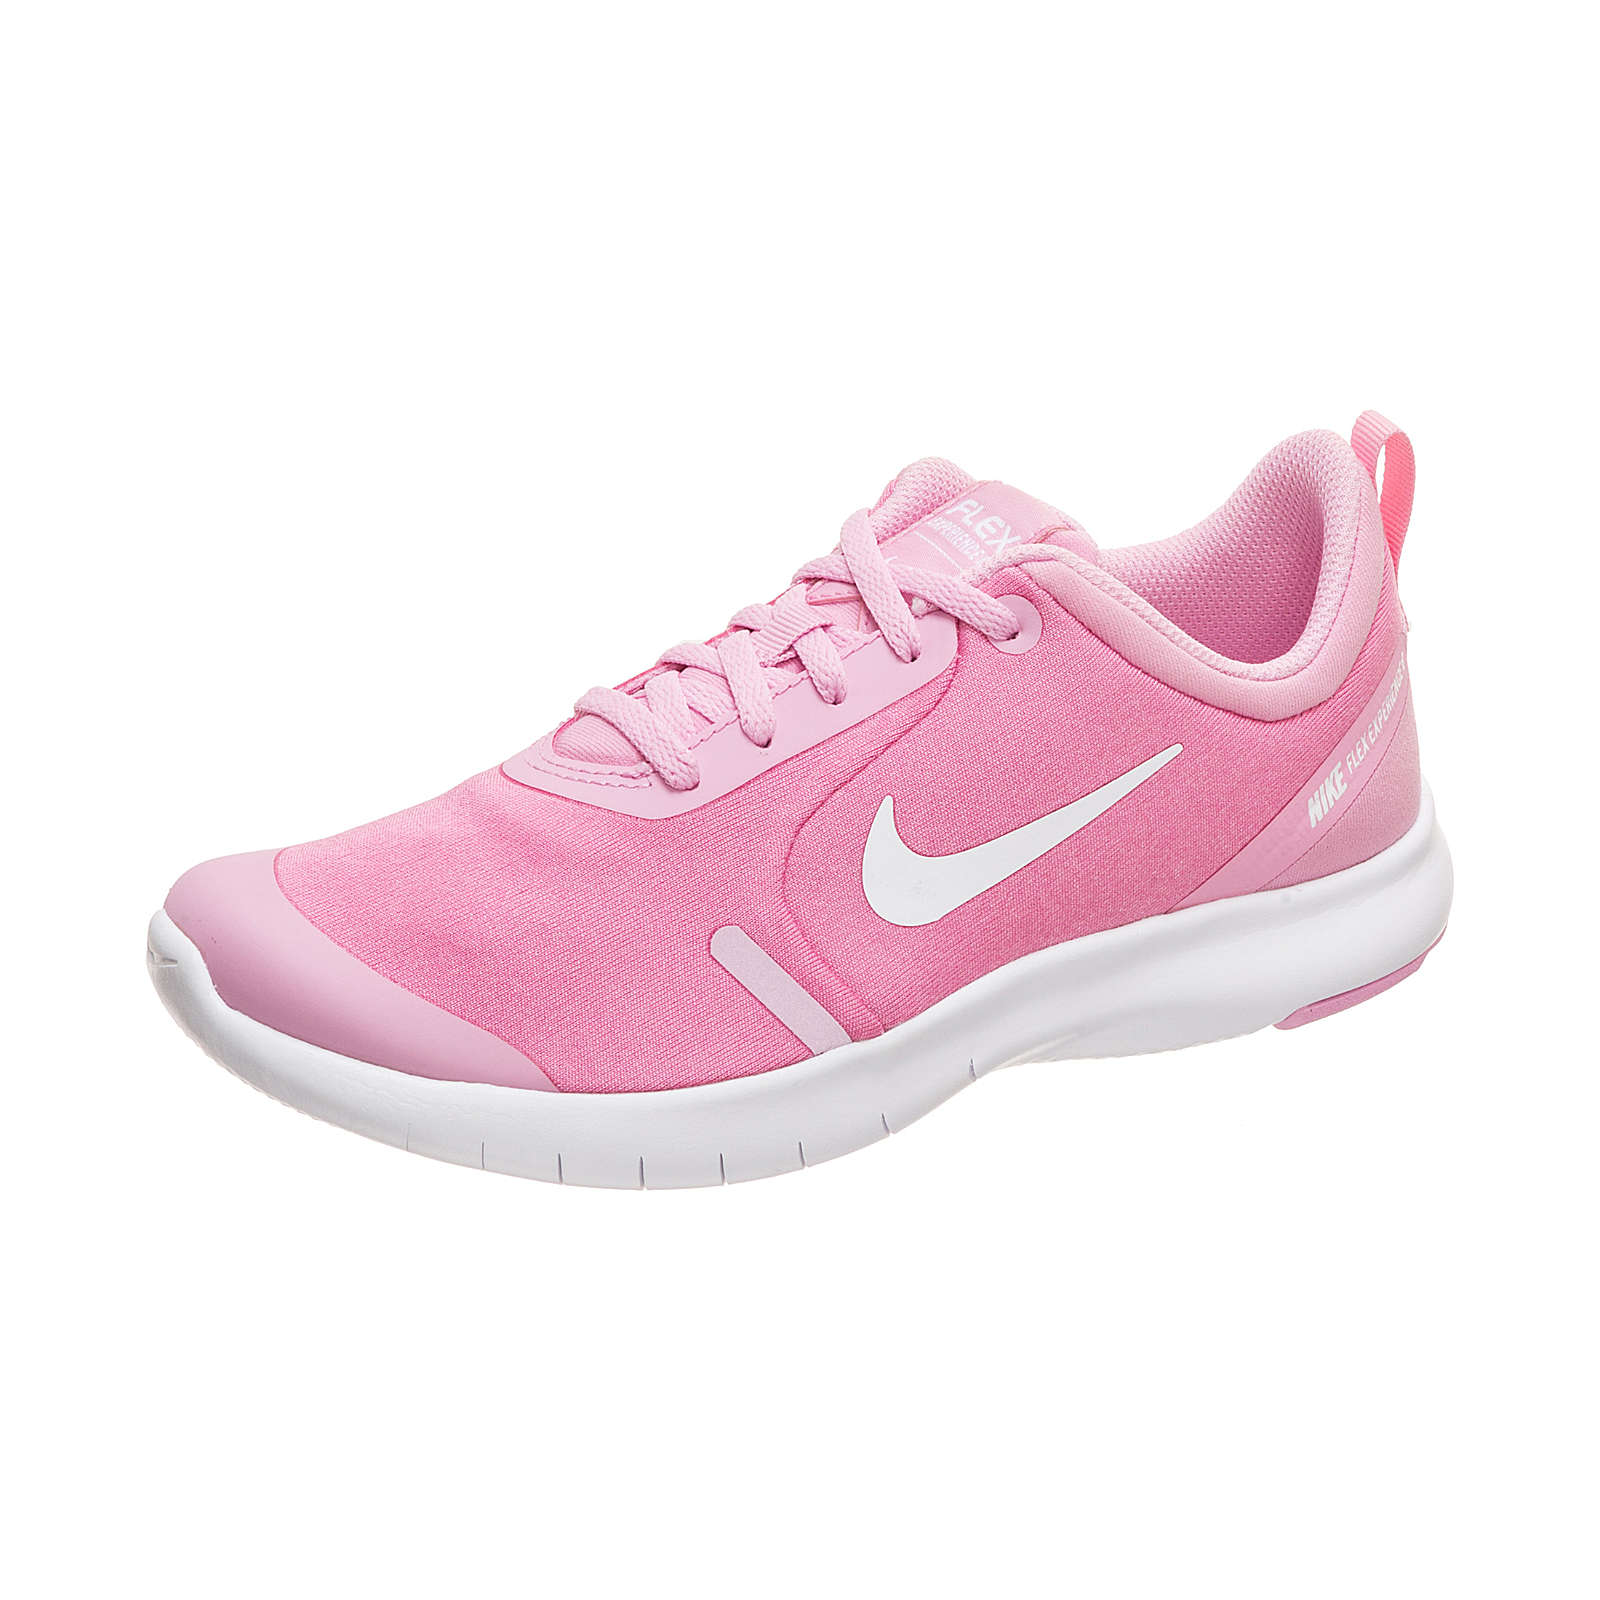 Nike Sportswear Flex Experience Run 8 Sneaker für Mädchen rosa/weiß Mädchen Gr. 38